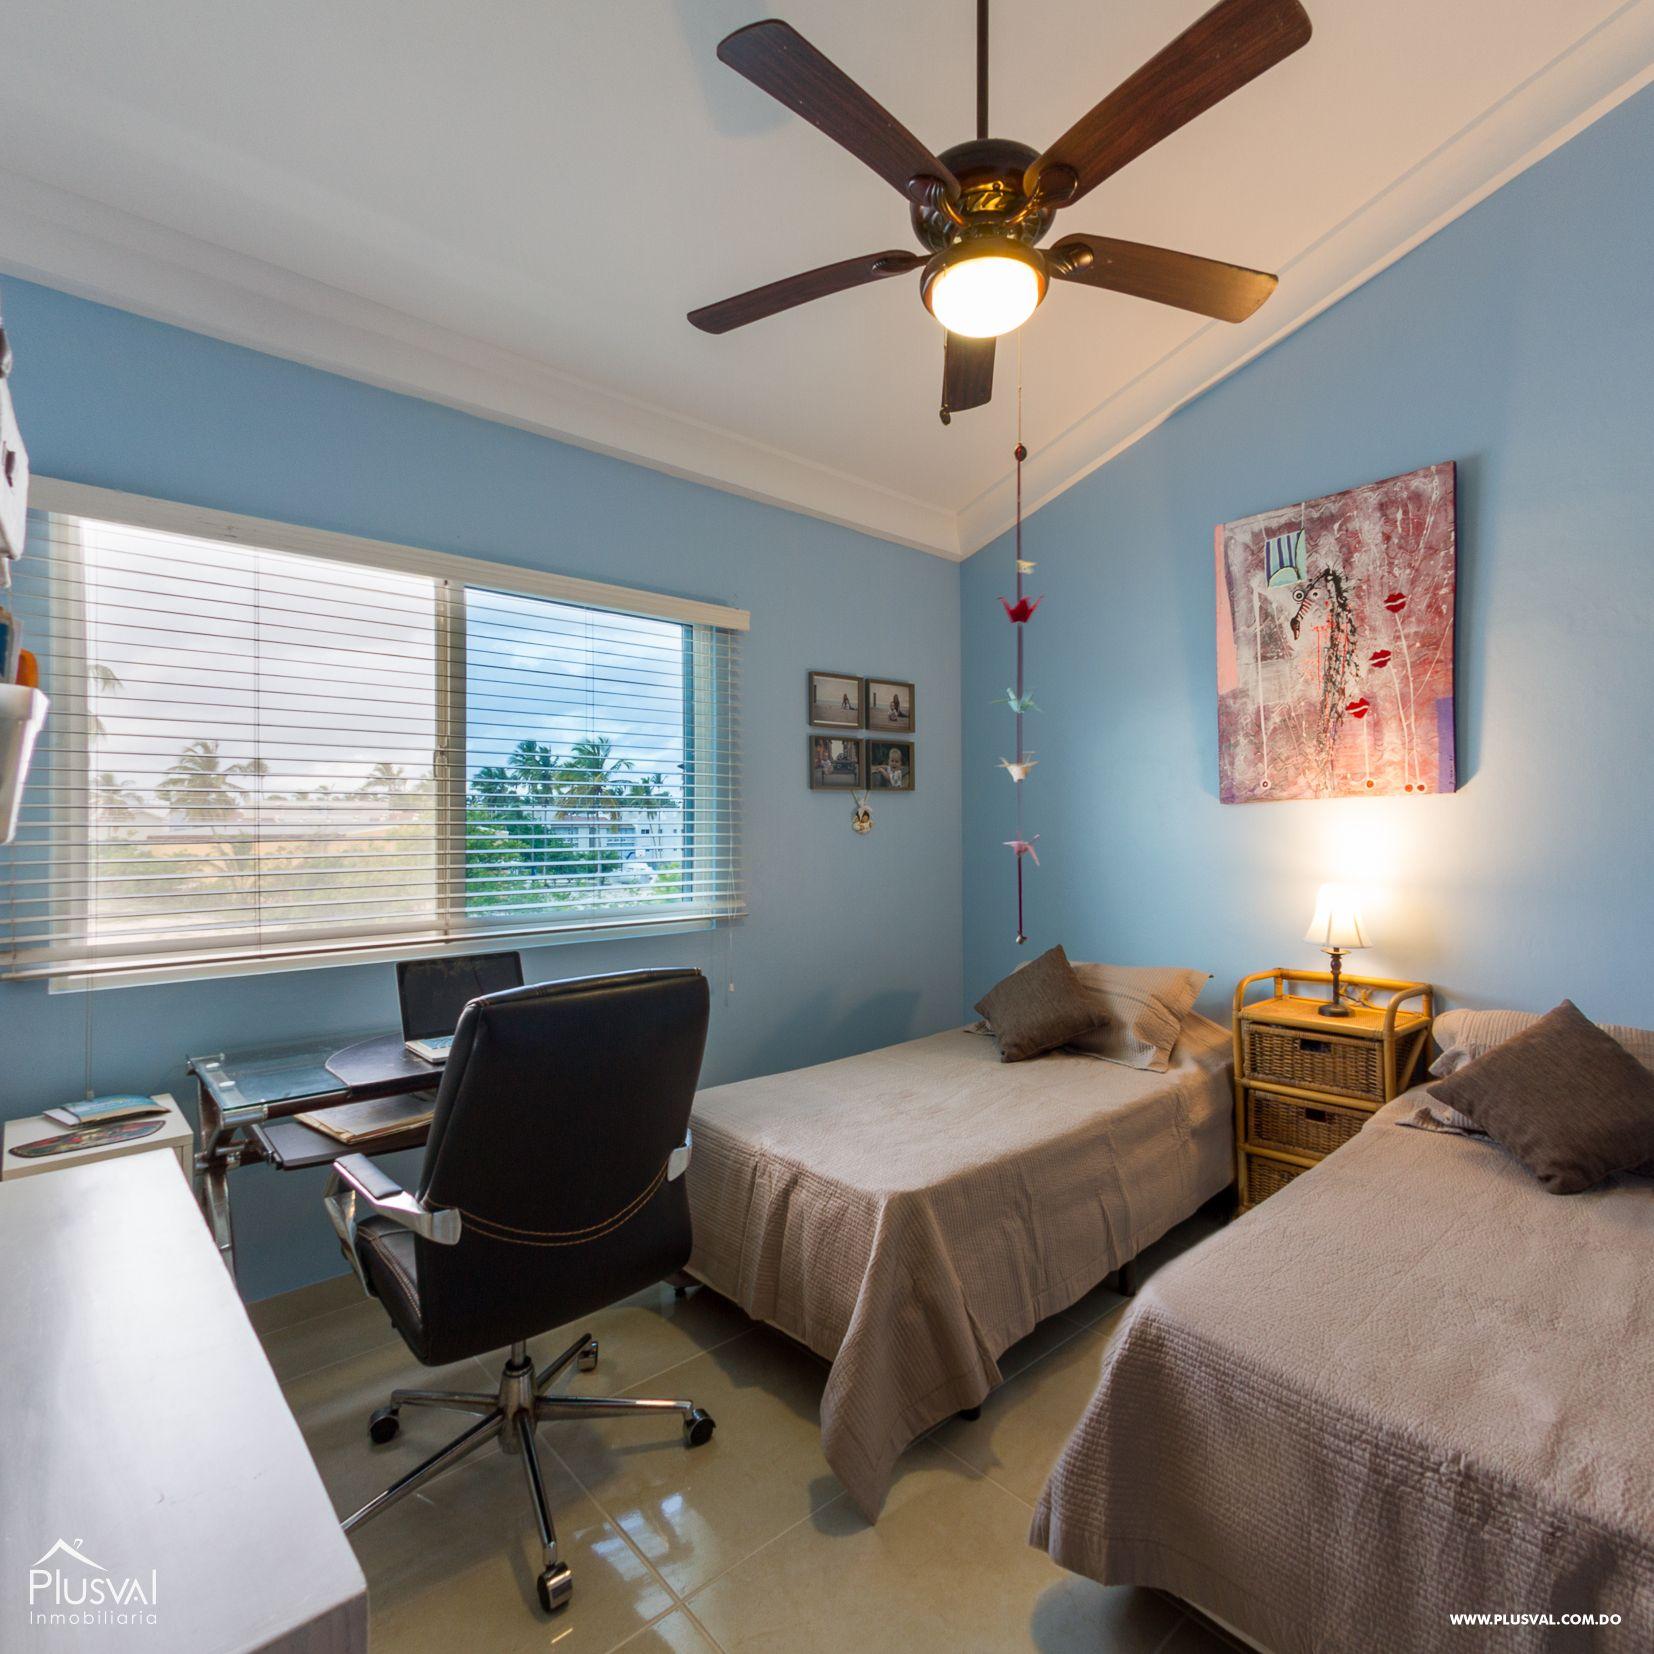 Apartamento Totalmente equipado en Venta en Complejo Turistico de 2 Habitaciones. 150933